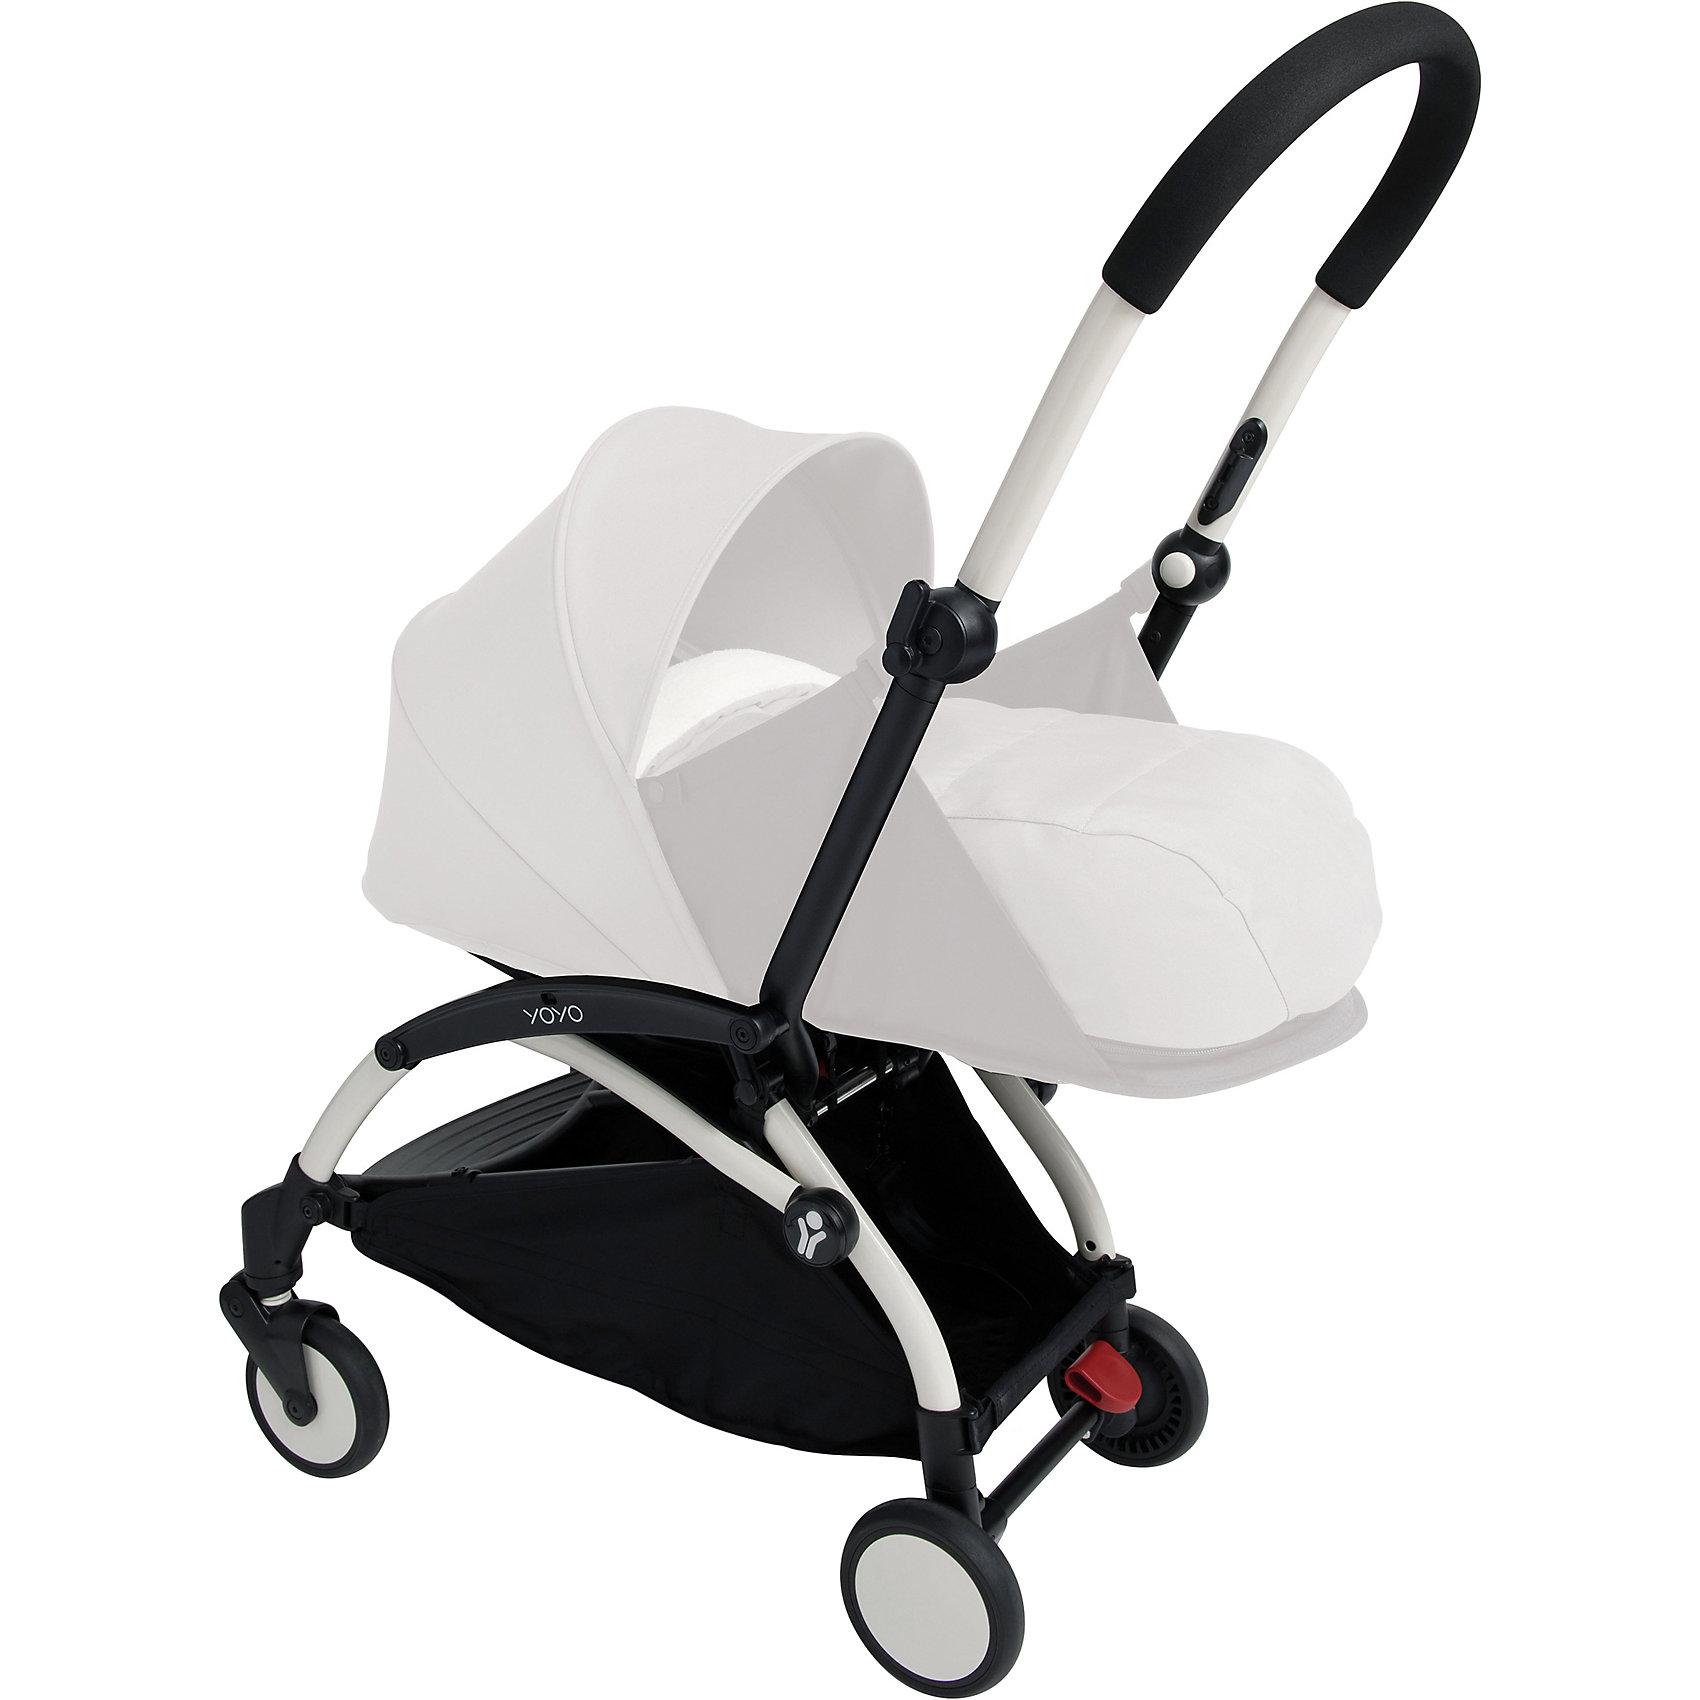 Прогулочная коляска YOYO на чёрно-белой раме, BabyzenХарактеристики коляски Babyzen YOYO:<br><br>• легкая и компактная, маневренная и удобная;<br>• коляска складывается одной рукой;<br>• прогулочный блок оснащен 5-ти точечными ремнями безопасности, регулируемые по длине и высоте;<br>• регулируемый наклон спинки: 3 положения, угол наклона 160 градусов;<br>• капюшон оснащен смотровым окошком;<br>• капюшон можно полностью опустить за прогулочное сиденье;<br>• чехлы прогулочного блока съемные, их можно стирать при температуре 30 градусов;<br>• колеса имеют независимую подвеску;<br>• передние поворотные колеса с антивибрационной системой: колеса не нужно блокировать вручную;<br>• ножной тормоз, педаль на задней оси коляски, блокировка сразу двух задних колес;<br>• коляска складывается по типу «книжка», устойчива в вертикальном положении в сложенном виде, имеется фиксатор от случайного раскладывания;<br>• в сложенном виде рама коляски оснащена ремешком с мягкой накладкой, чтобы сложенную коляску удобно было переносить на плече;<br>• коляска раскладывается одной рукой: мамочка может и ребенка держать на руках, и коляску разложить без особых трудностей;<br>• материал: алюминий, пластик, полиэстер, полиуретан;<br>• диаметр колес: 13 см<br><br>Компактная коляска помещается в отделении ручной клади в самолете, между сиденьями в поезде или в машине. Коляска с ремешком для переноски на плече позволяет пройтись с малышом по магазинам, устроиться в уютном кафе. Коляска маневренна, с функцией «плавный ход», простая в использовании. <br><br>Размер коляски: 44х86х106 см<br>Размер коляски в сложенном виде: 52x44x18 см<br>Вес коляски: 5,9 кг<br>Вес в упаковке: 7,4 кг<br><br>Комплектация:<br><br>• прогулочная коляска YOYO;<br>• дождевик;<br>• 2 дуги для капюшона;<br>• корзина для покупок;<br>• ремешок с подкладкой для плеча<br>• сумка для транспортировки коляски в сложенном виде;<br>• инструкция. <br><br>Прогулочную коляску YOYO на белой раме, Babyzen можно купить в нашем интернет-магаз